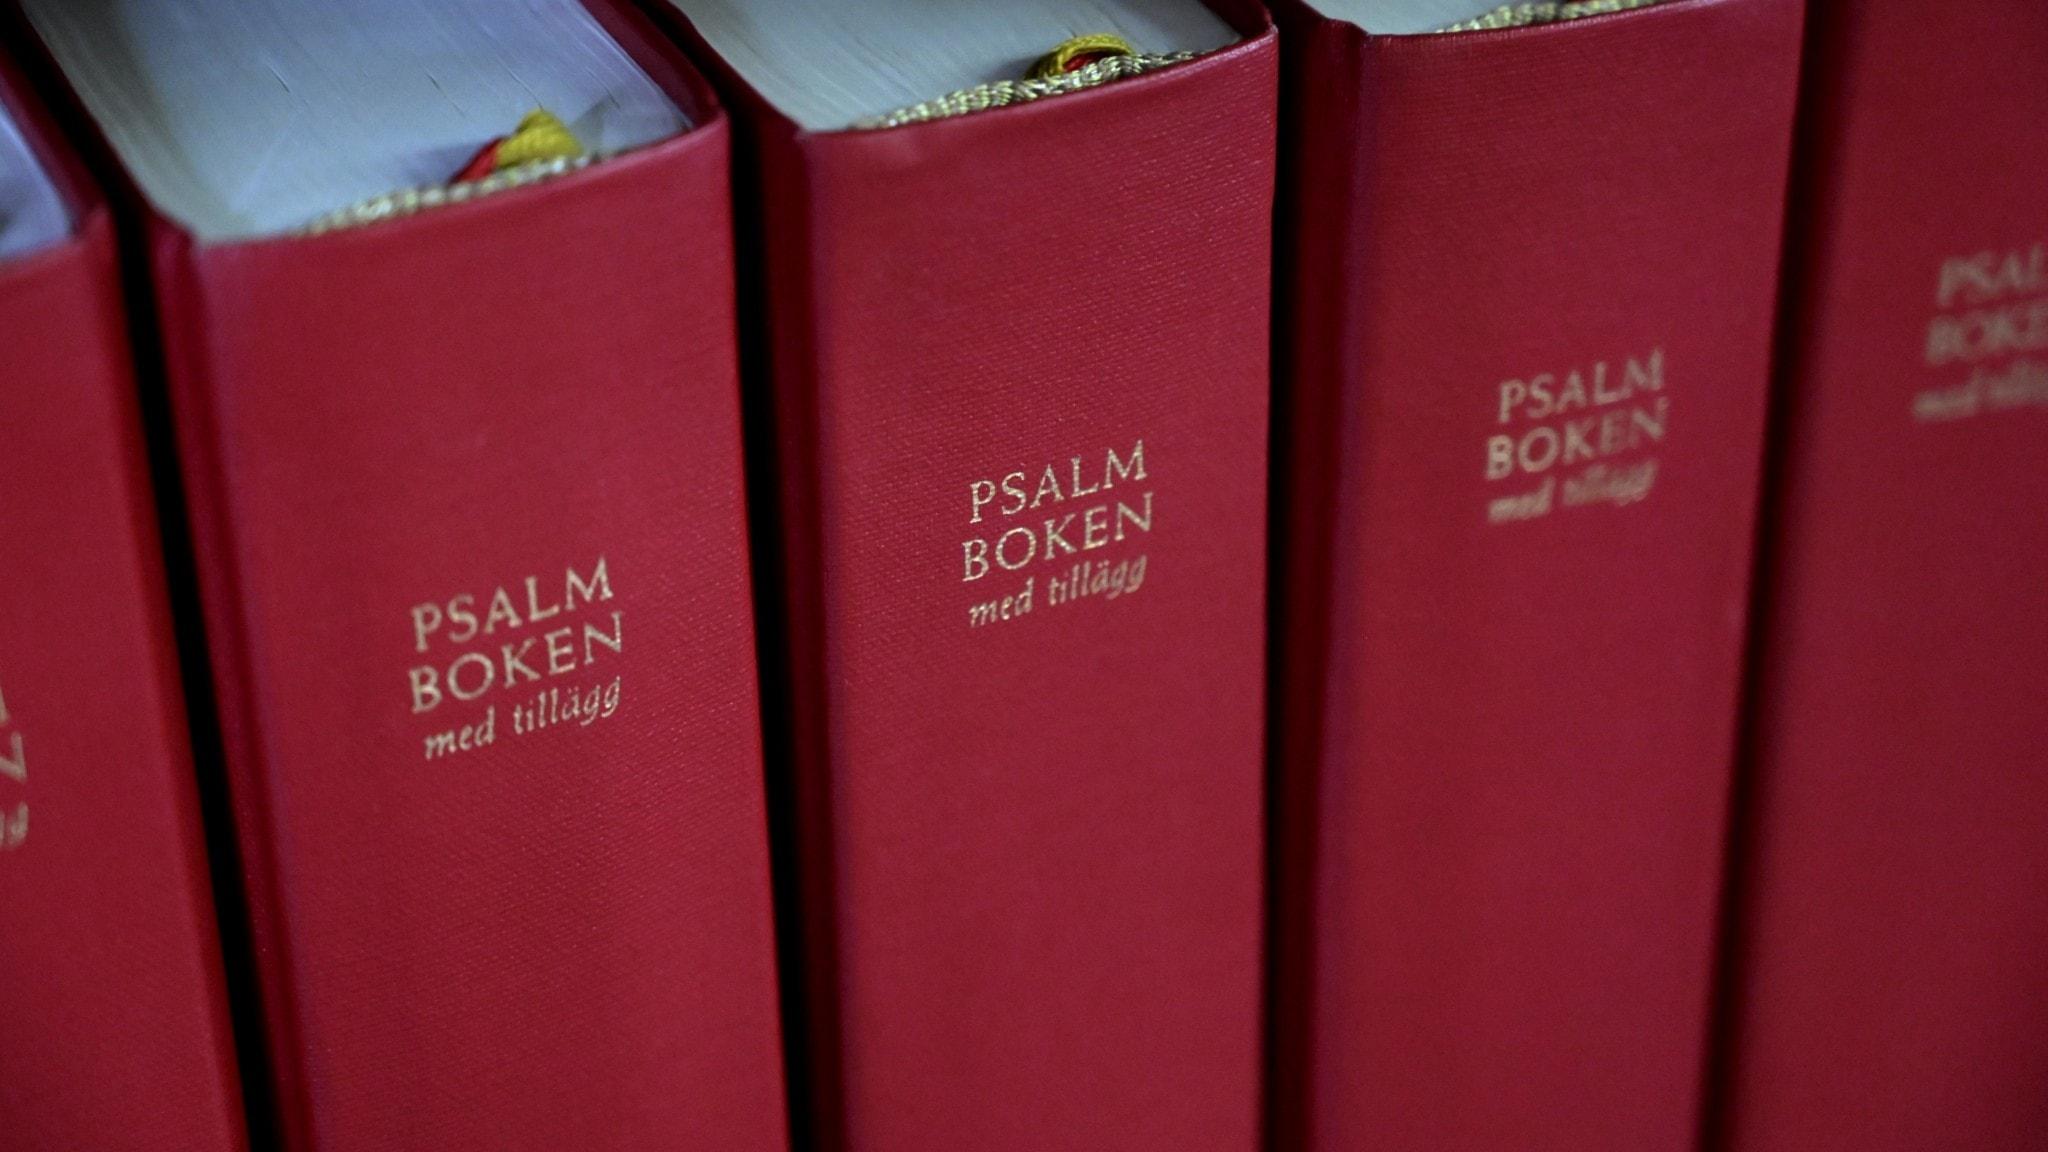 Förnyelsen av den svenska psalmboken